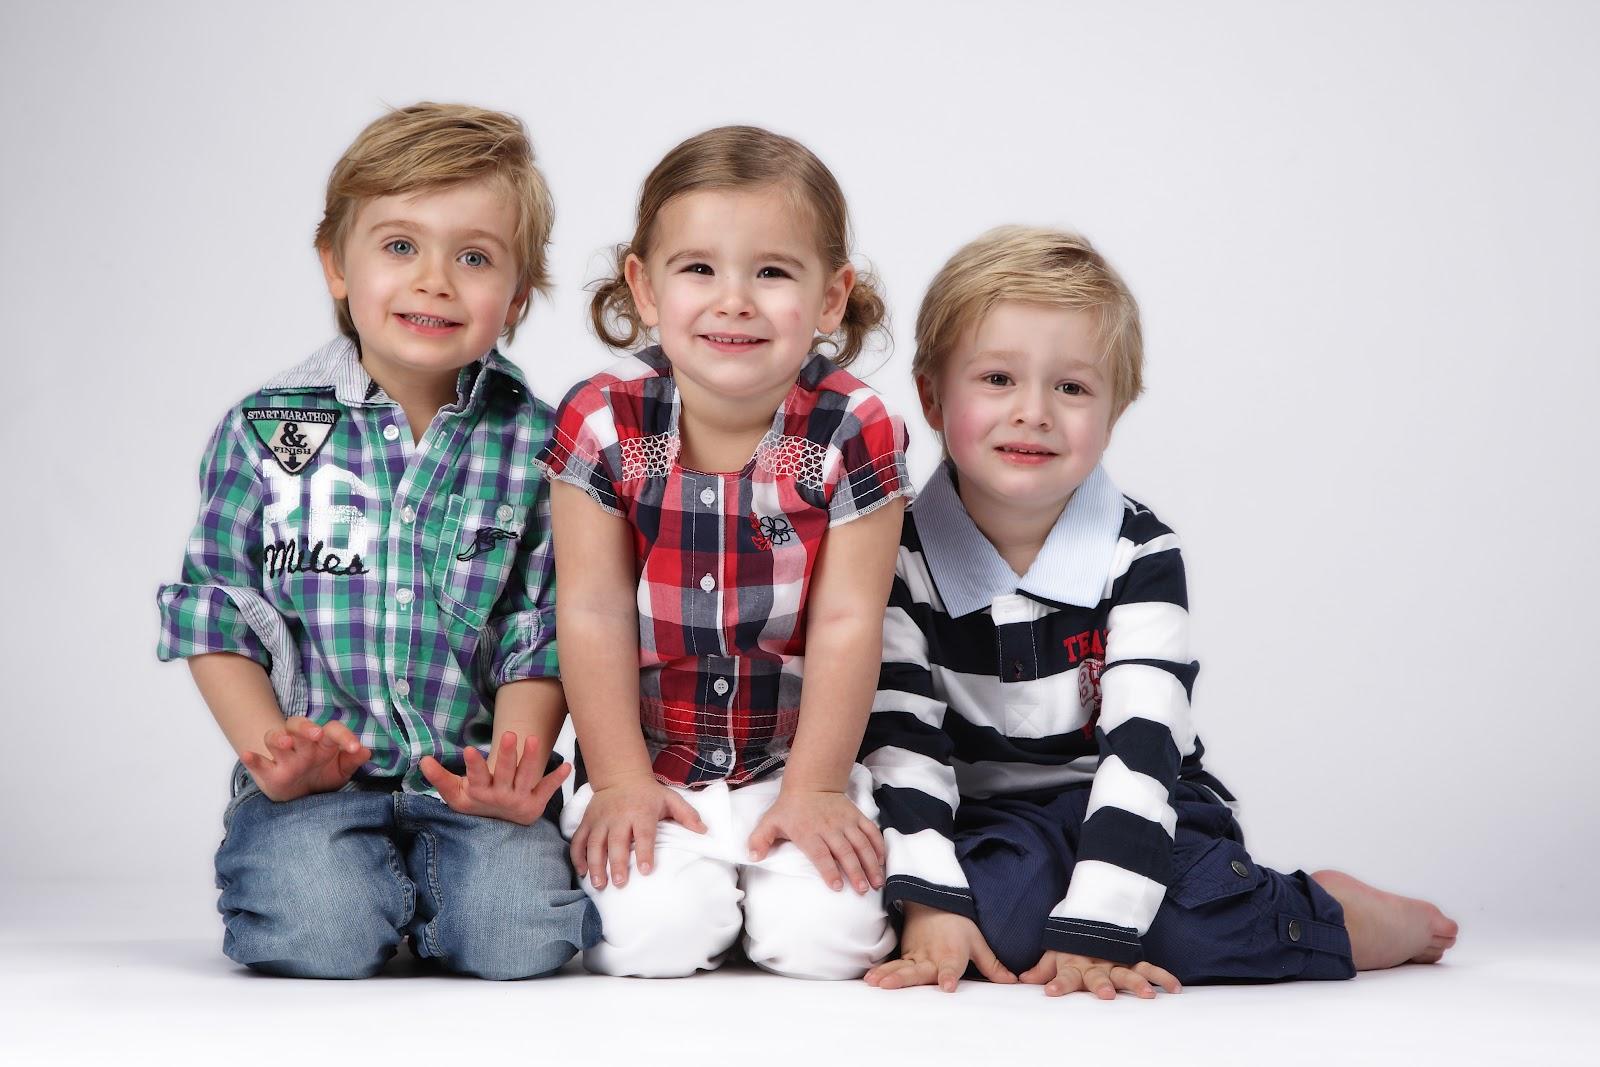 Çocuklar için yazlık kıyafet, yazlık kıyafet seçimi, kıyafet tercihi